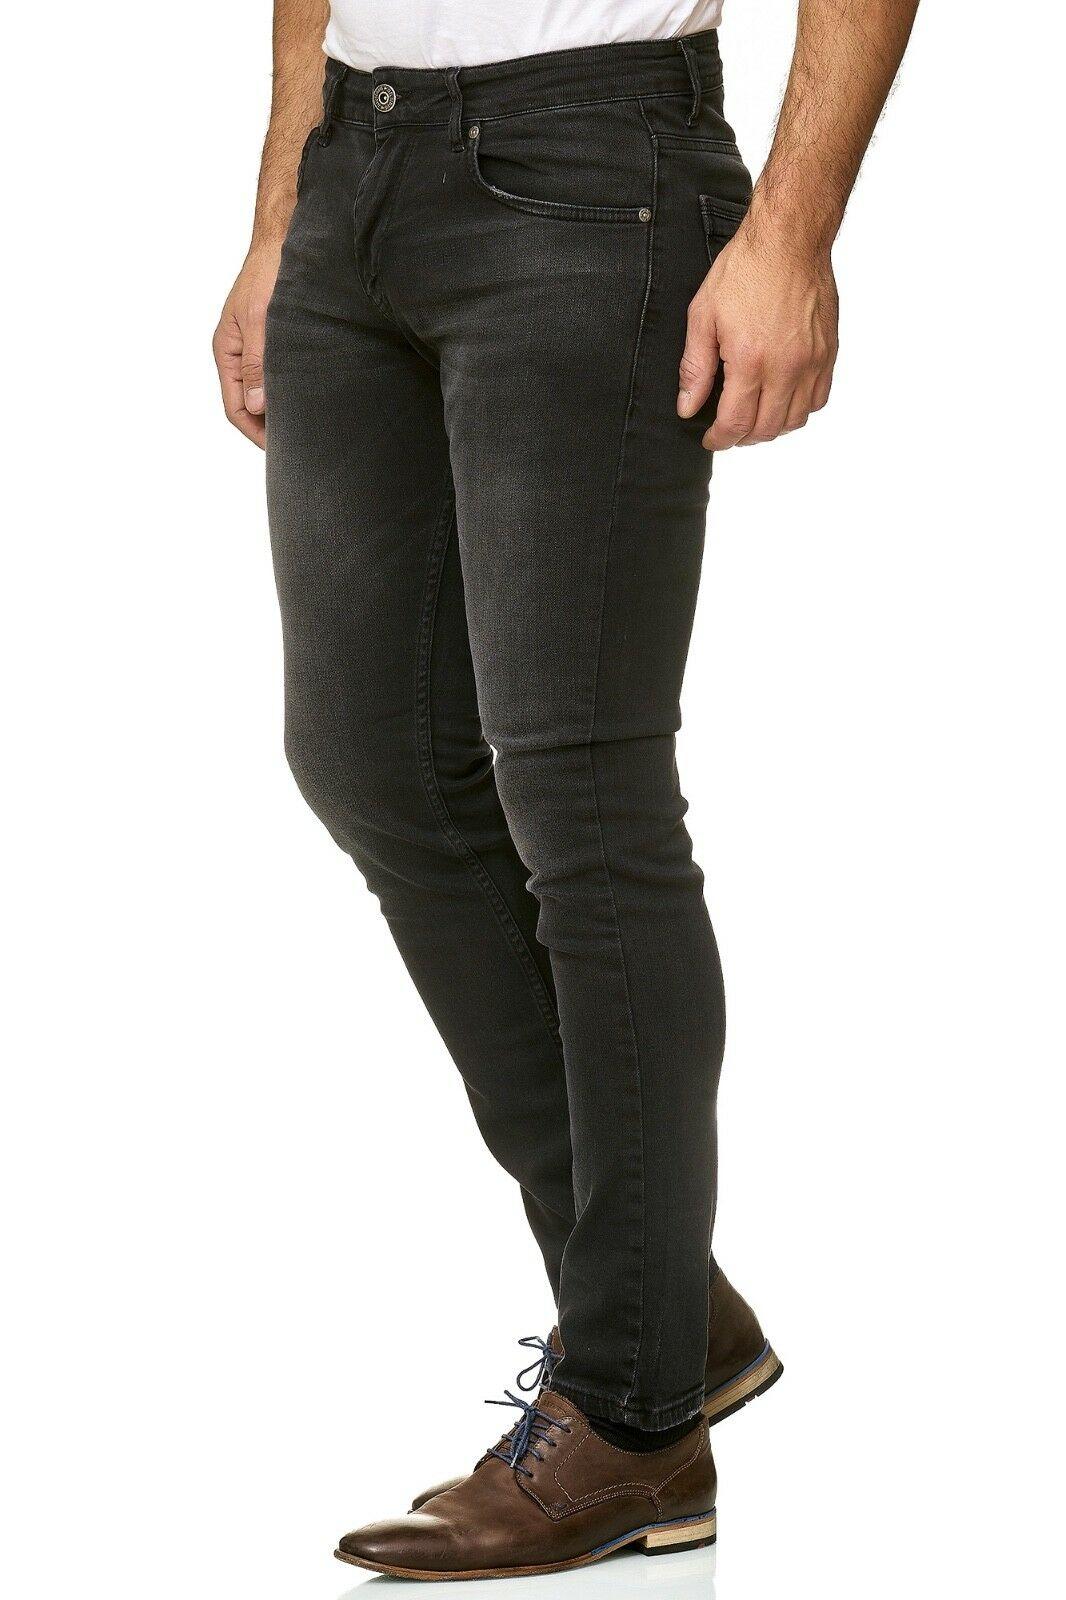 Herren-Jeanshosen-Stretch-Hose-Slim-fit-SKINNY-Jeans-Blau-Schwarz-Grau-Weiss Indexbild 49